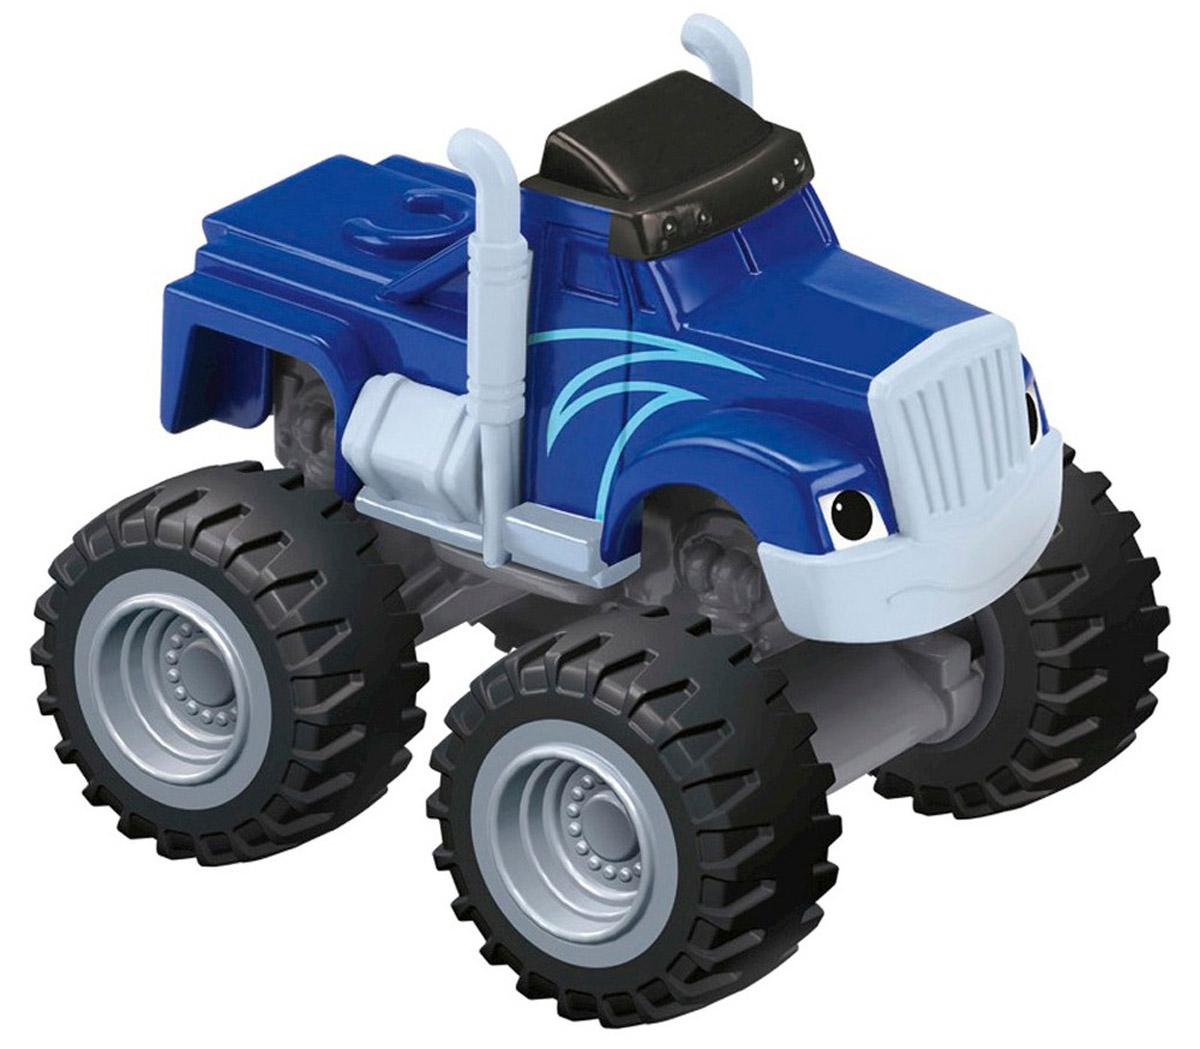 Blaze Машинка КрушилаCGF20_CGF22Машинка Blaze Крушила выполнена из металла и пластика в виде героя популярного мультсериала Вспыш и чудо-машинки. У этого мультяшного монстр-трака широкие колеса и крепкий кузов. Машинка свободно катается по любым поверхностям и легко повторяет трюки из мультфильма. Вспыш и чудо-машинки - история про Эй-Джея, восьмилетнего любителя техники, который водит пикап по имени Блейз (Вспыш), побеждающий на всех гонках в Аксель-Сити. Они вместе отправляются в приключения, требующие знания физики и математики. Их ждет множество трудностей от главного соперника Блейза (Вспыша) - Крашера (Крушила), грузовика, который готов пойти на всё, чтобы быть на финише первым.